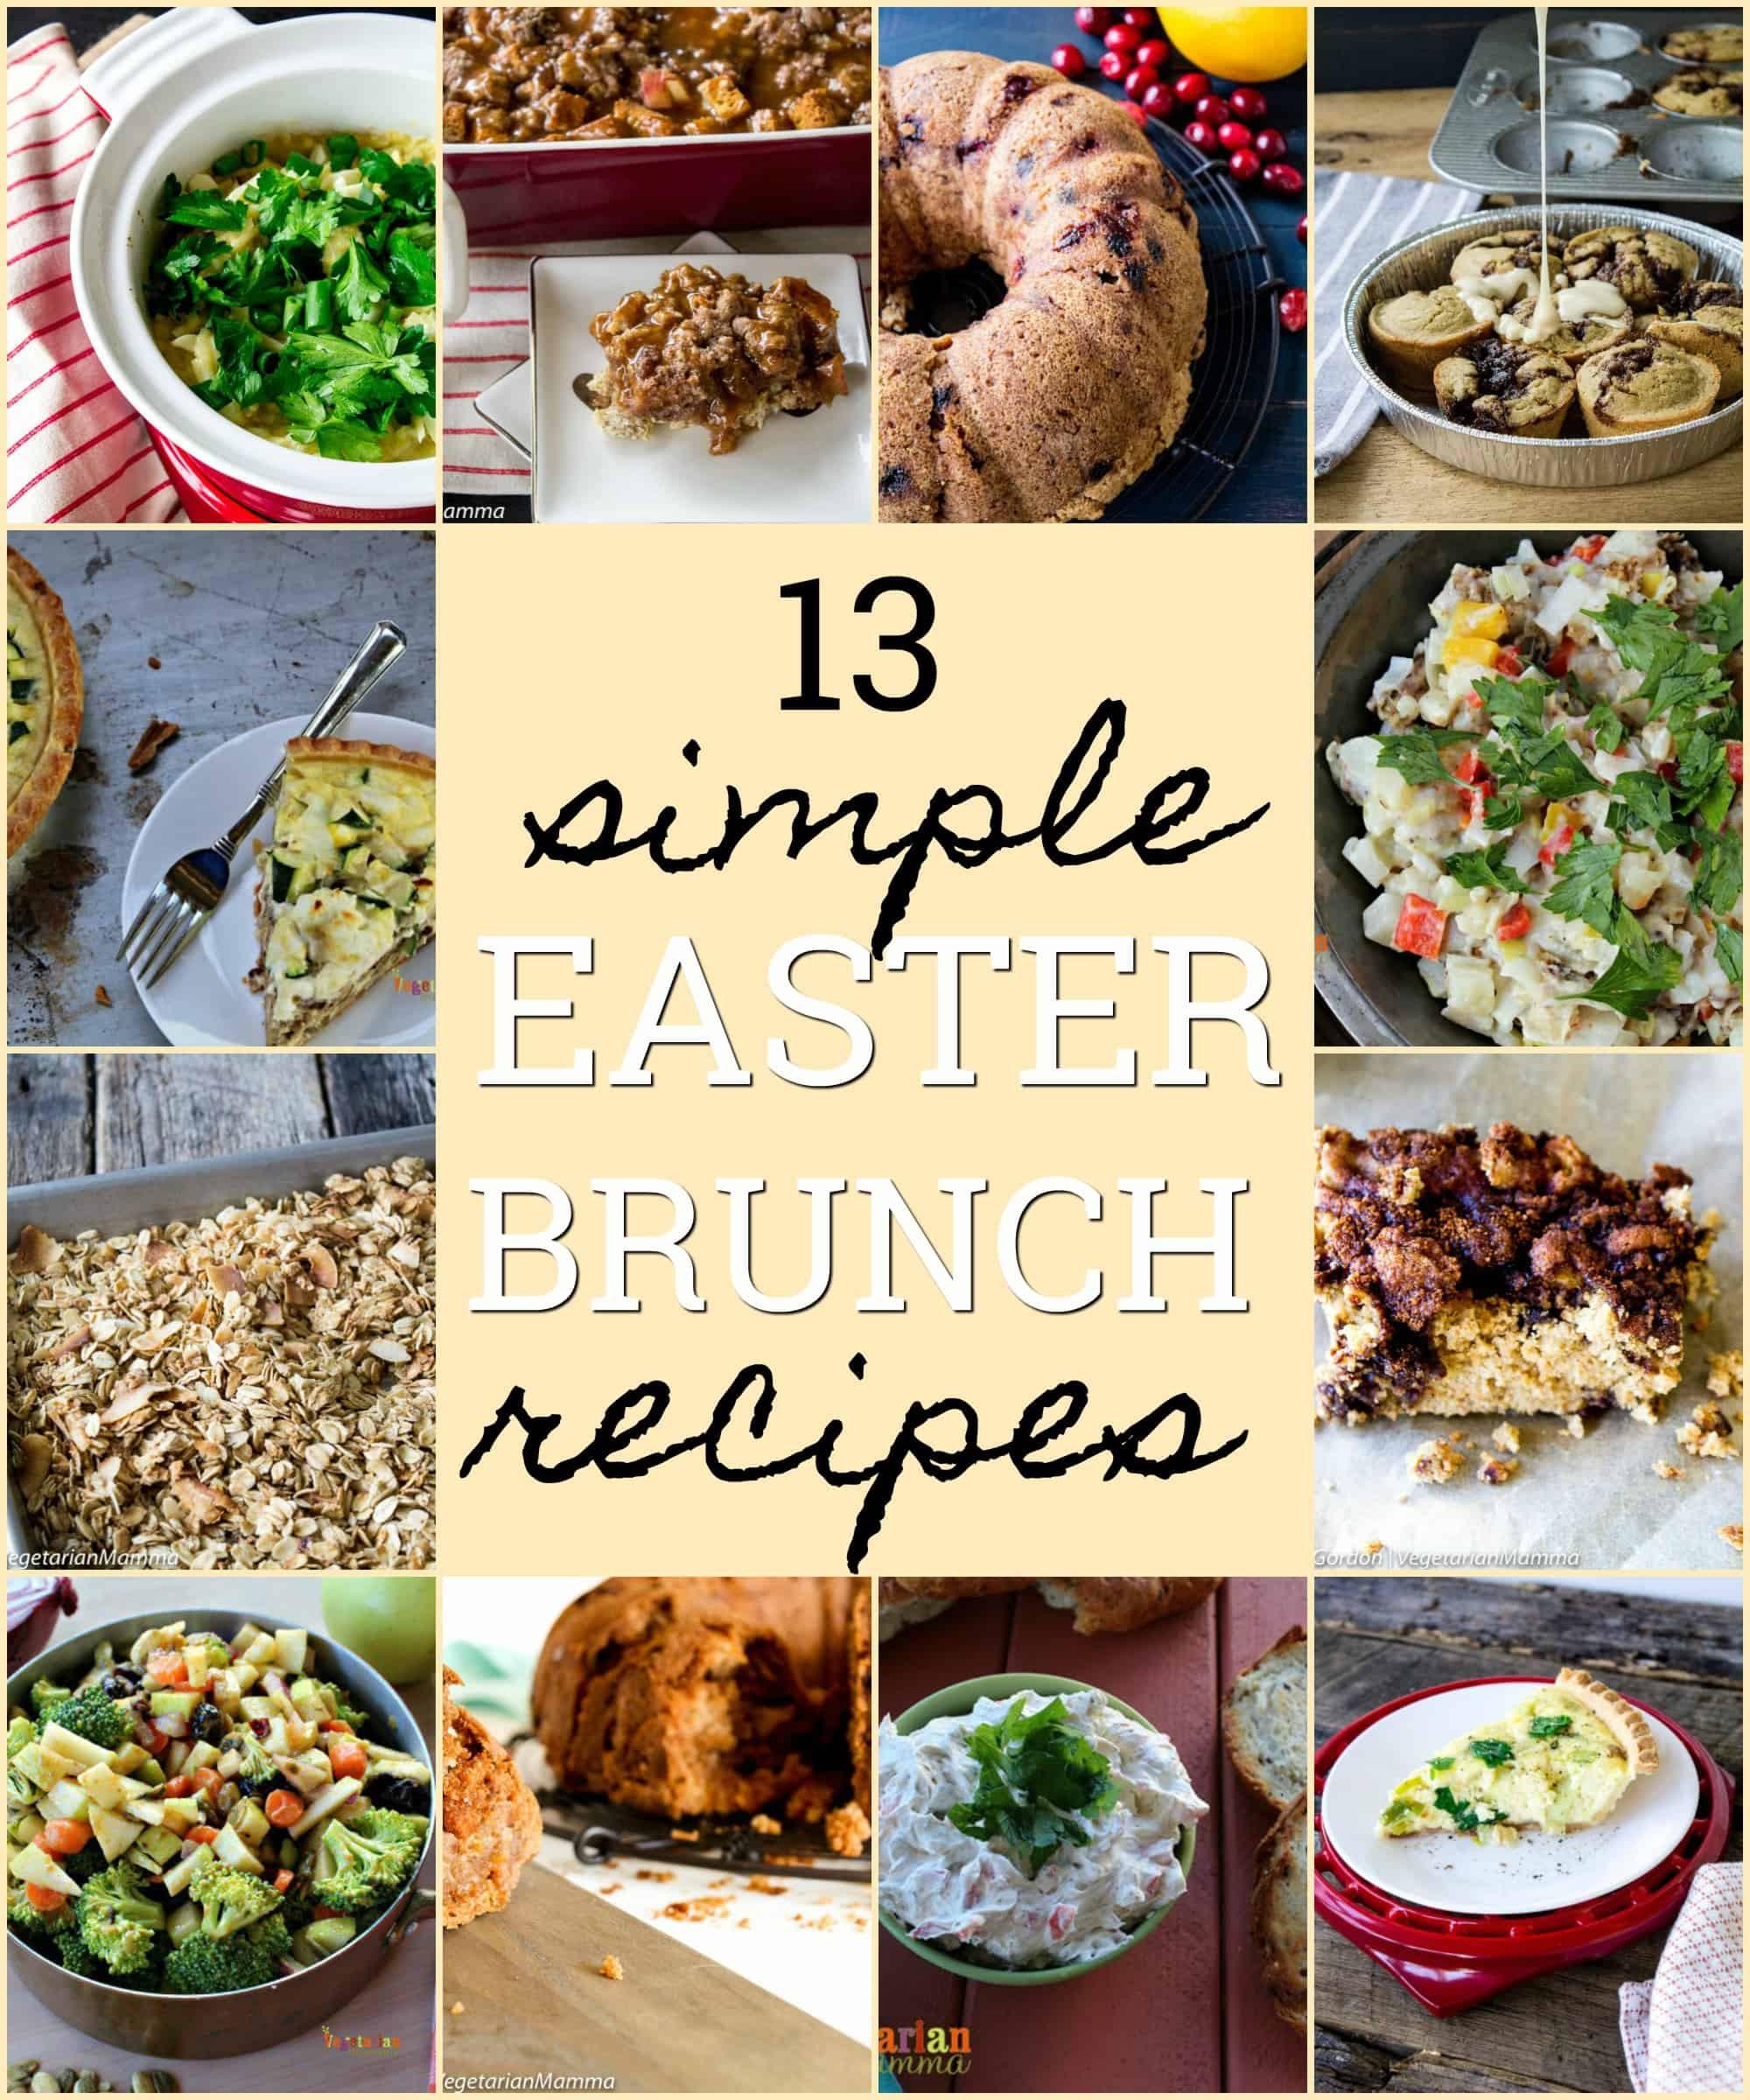 Vegetarian Easter Brunch Recipes  12 Family Approved Easter Brunch Recipes